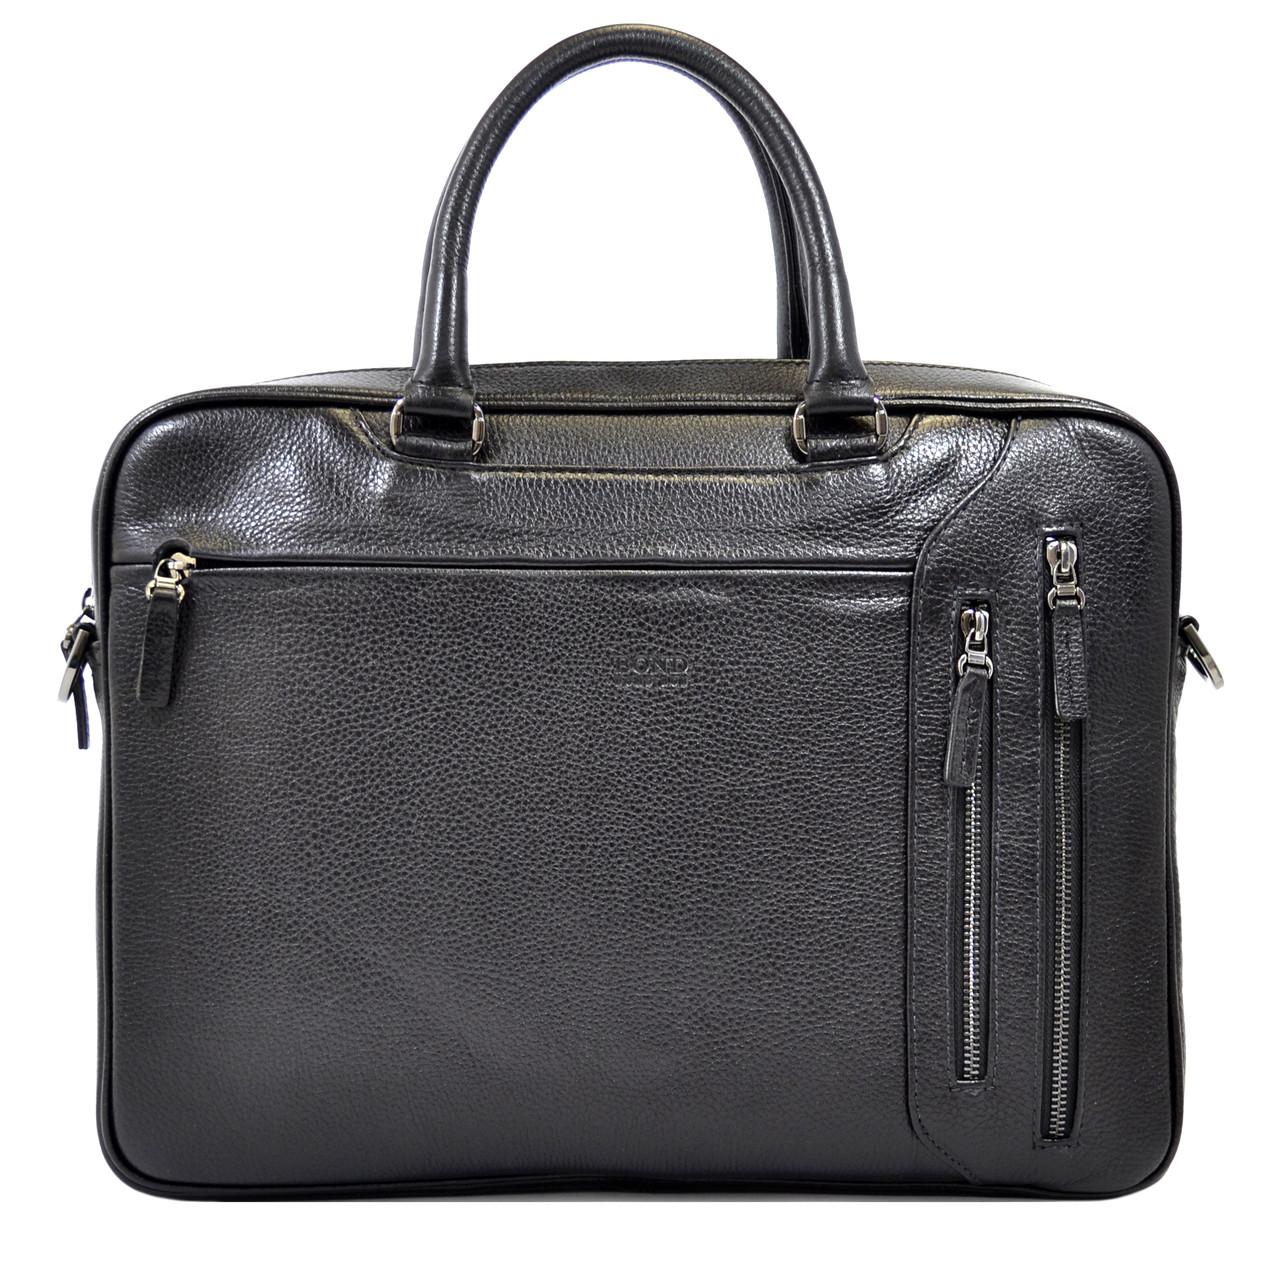 Деловая мужская сумка Bond из натуральной кожи